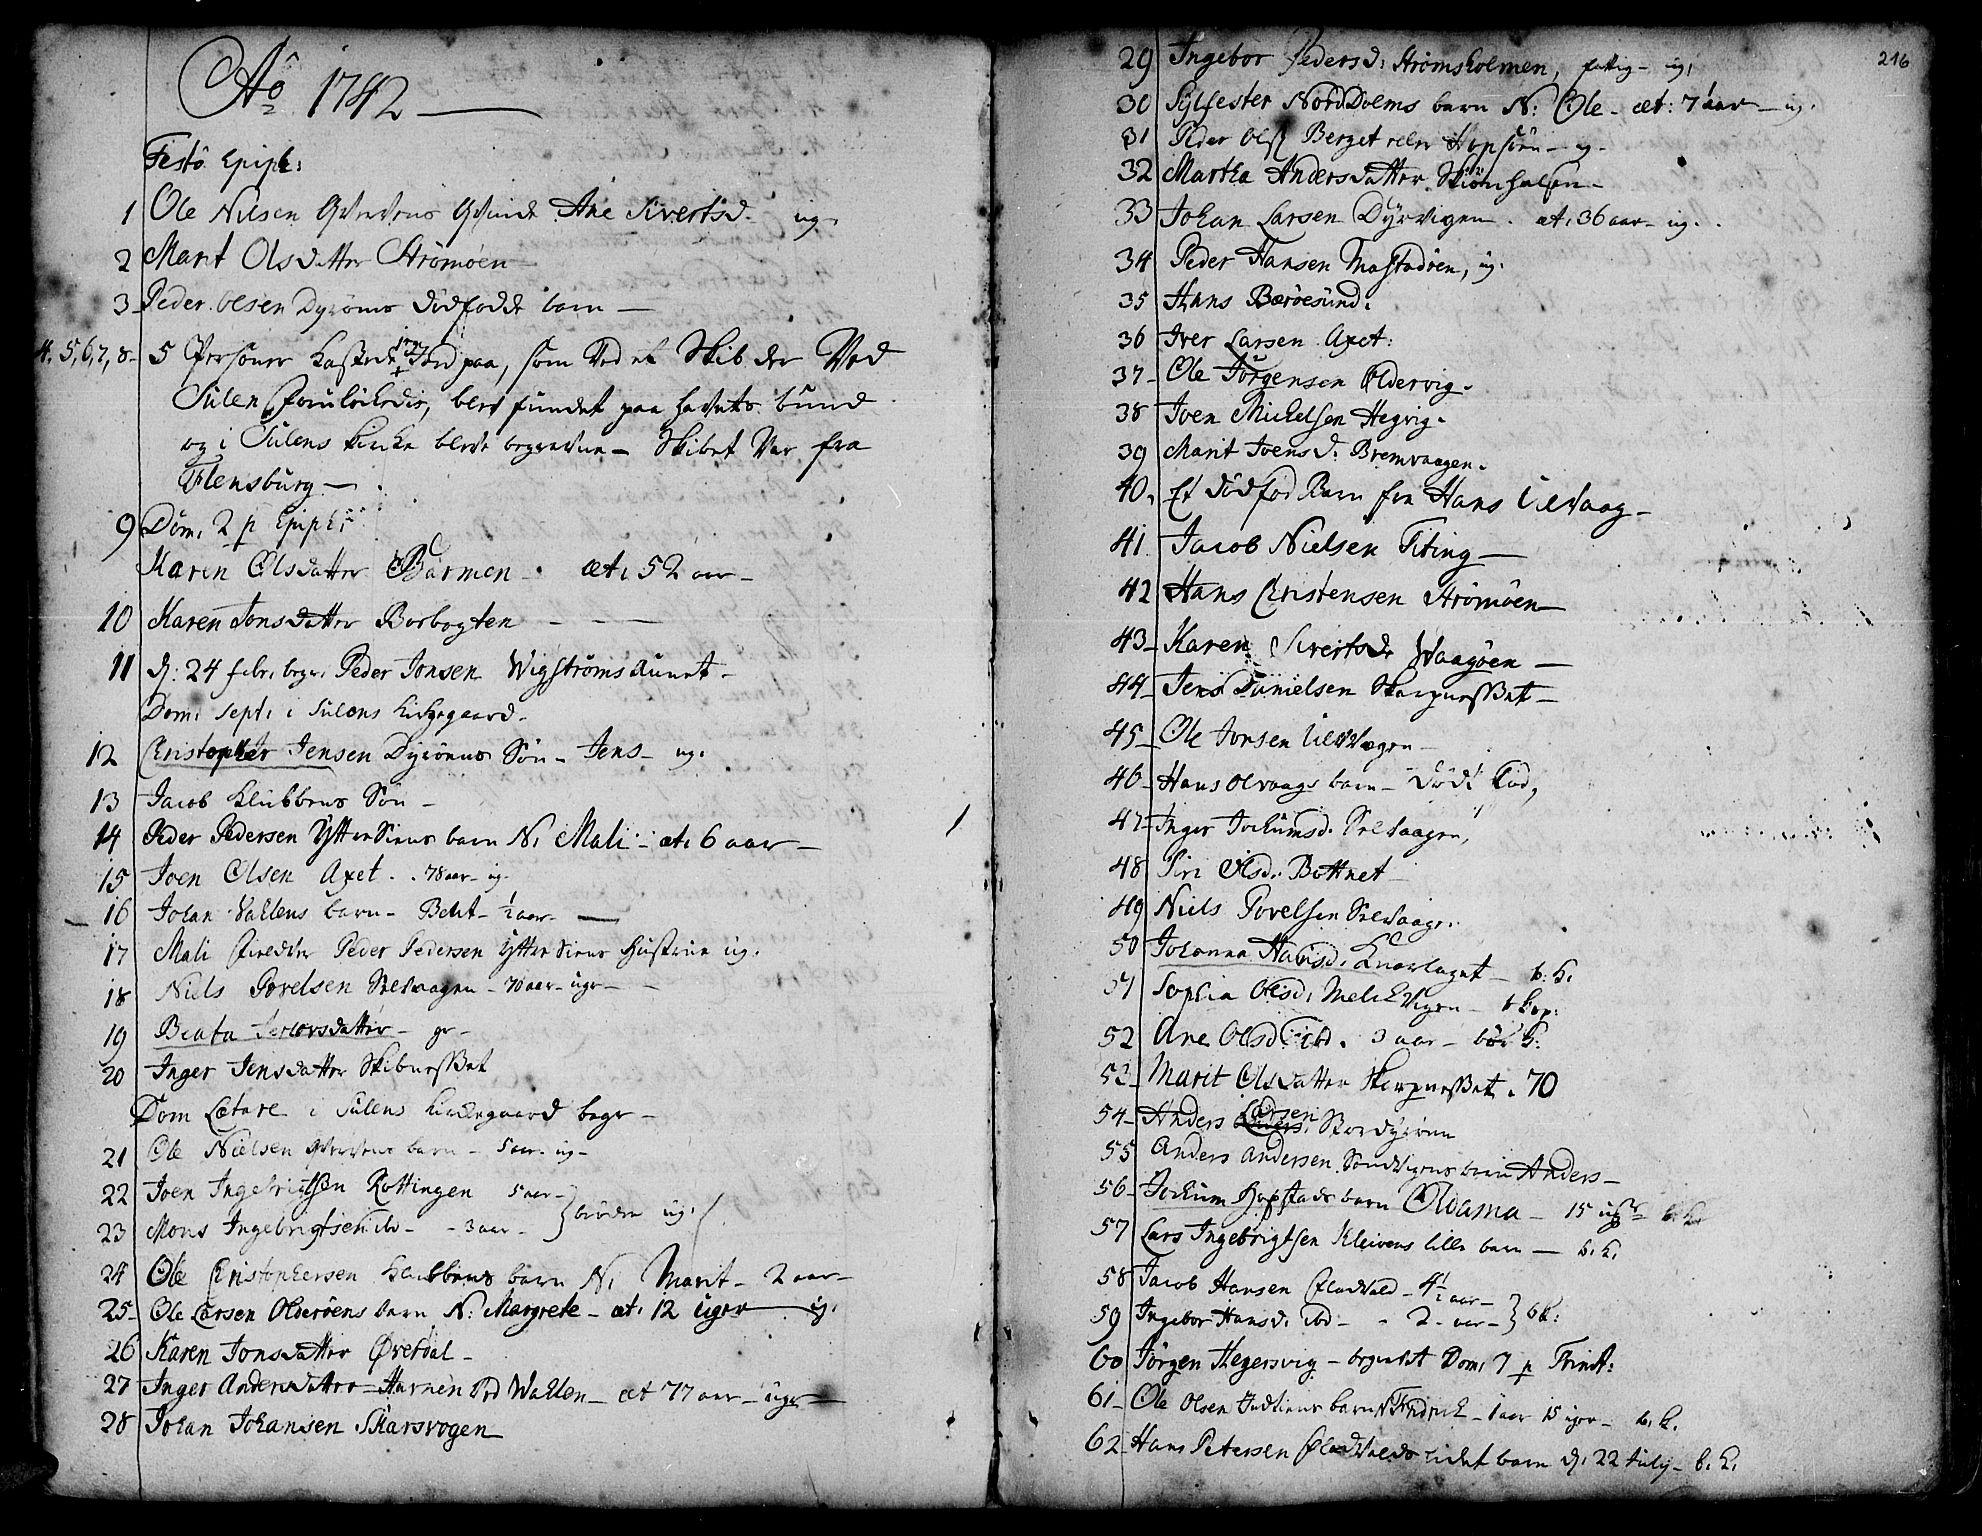 SAT, Ministerialprotokoller, klokkerbøker og fødselsregistre - Sør-Trøndelag, 634/L0525: Ministerialbok nr. 634A01, 1736-1775, s. 216